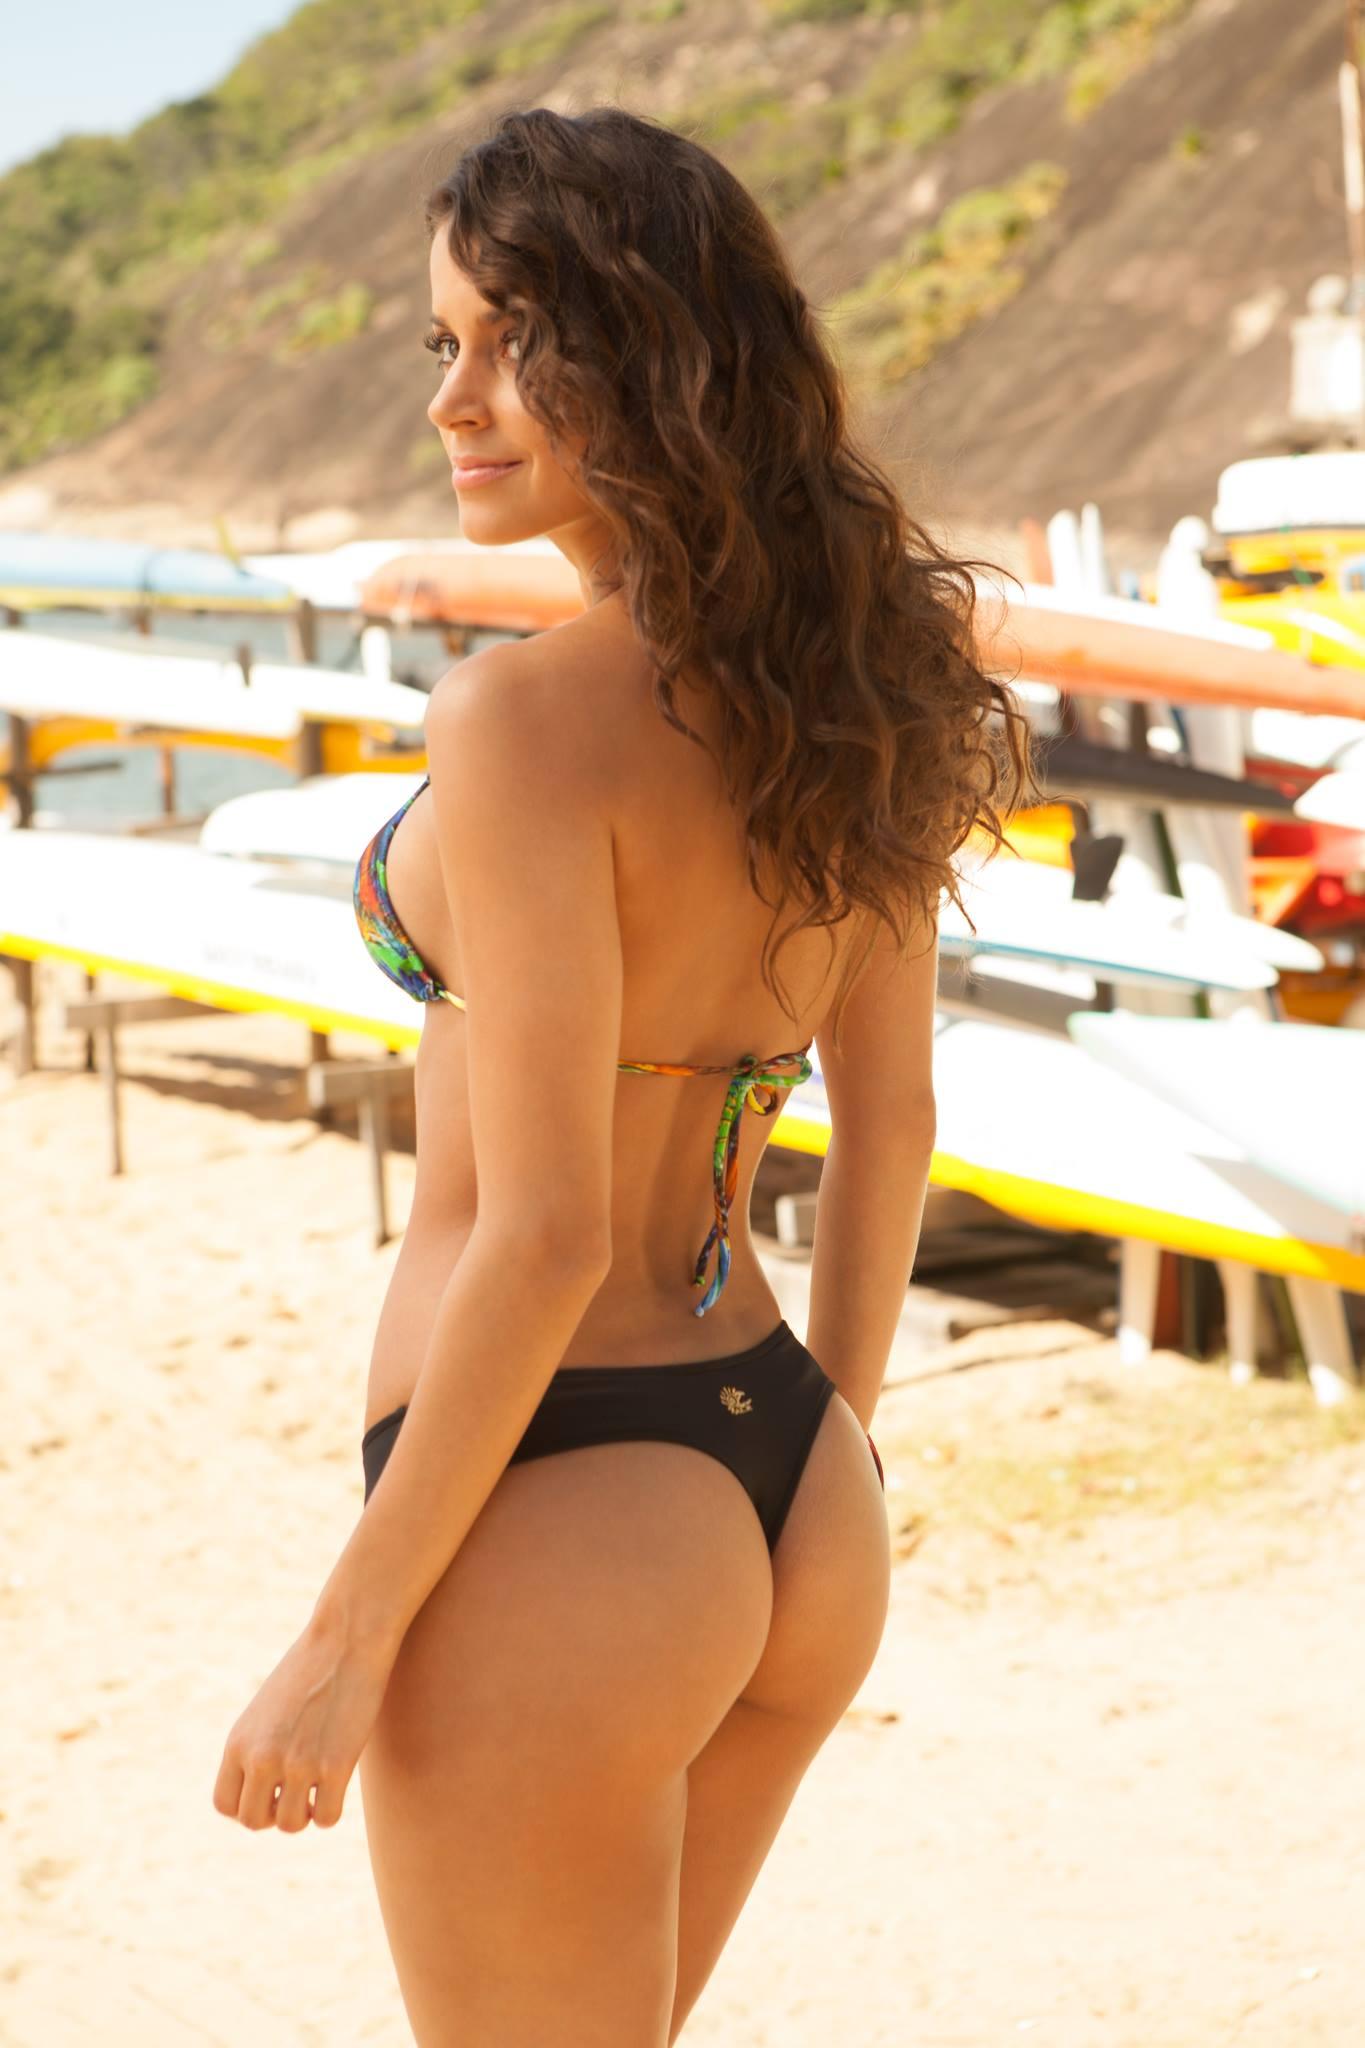 Bruna Dacal in a bikini - ass